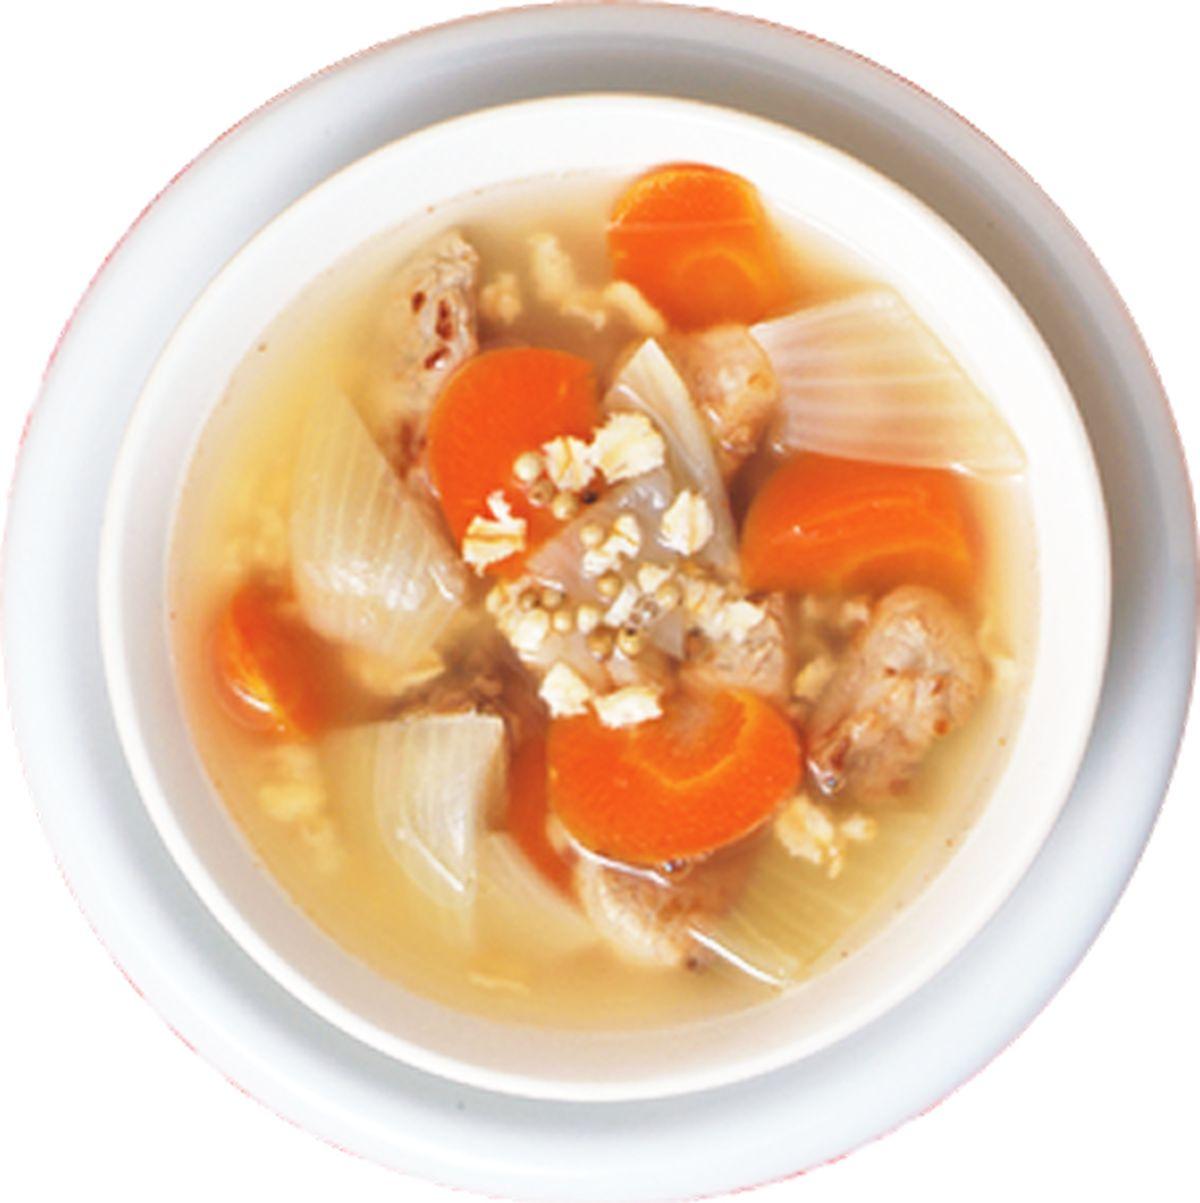 食譜:蘇格蘭羊肉湯